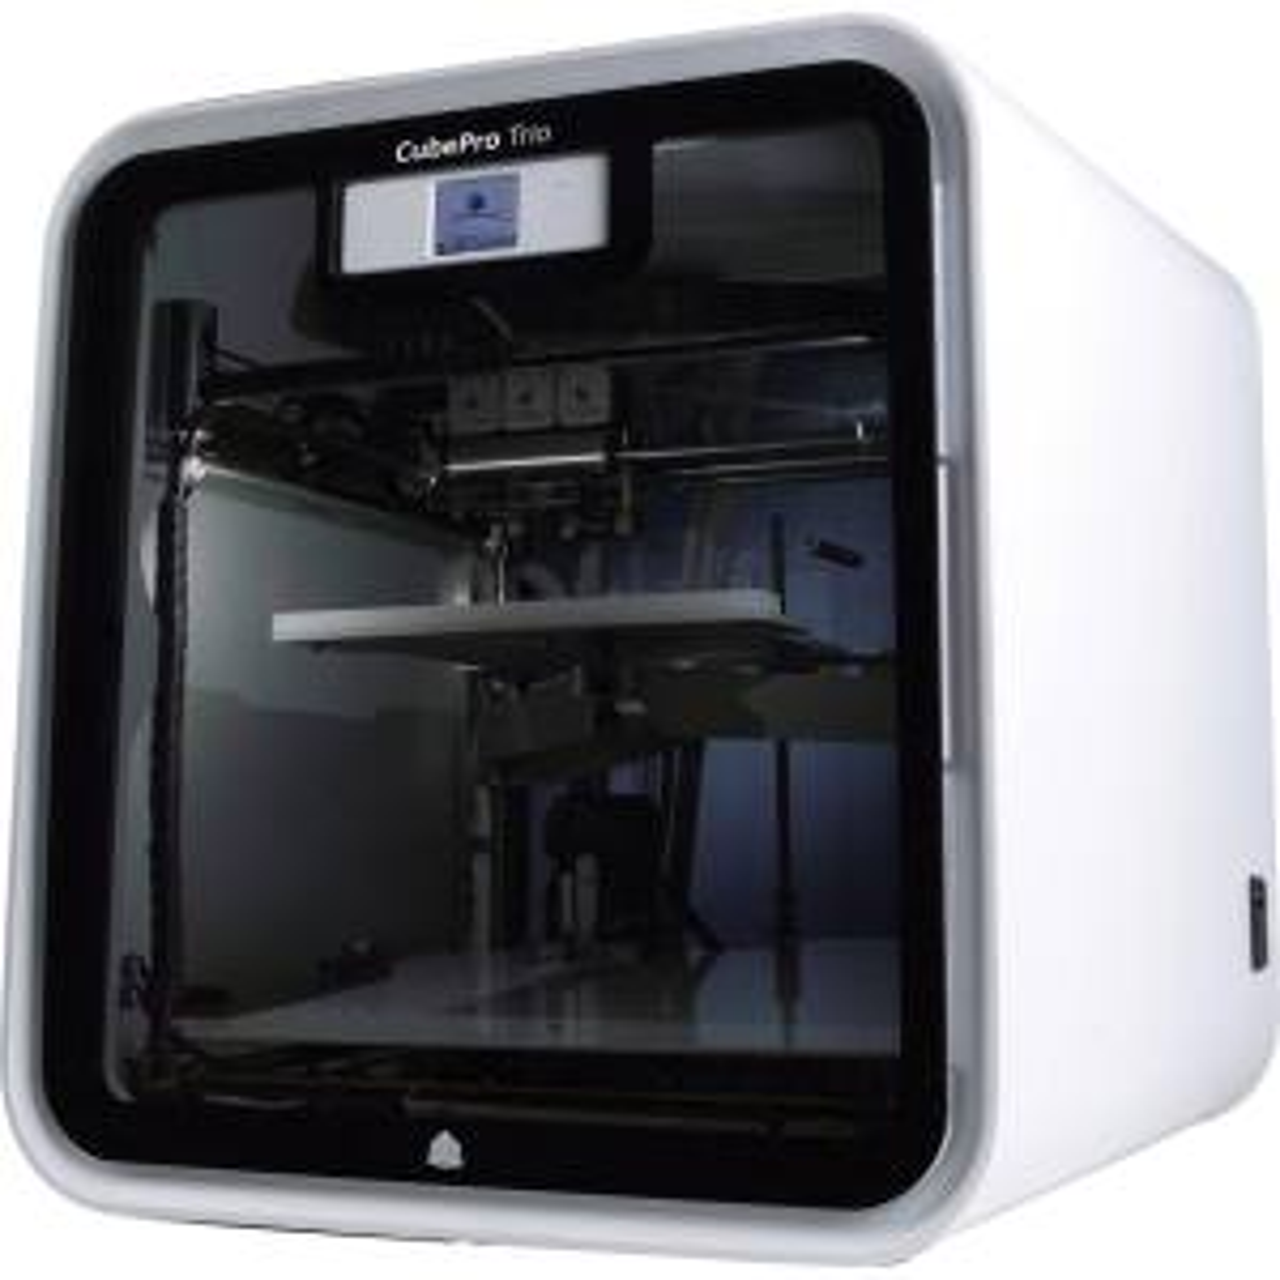 پرینتر سهبعدی تری دی سیستمز مدل CubePro Trio